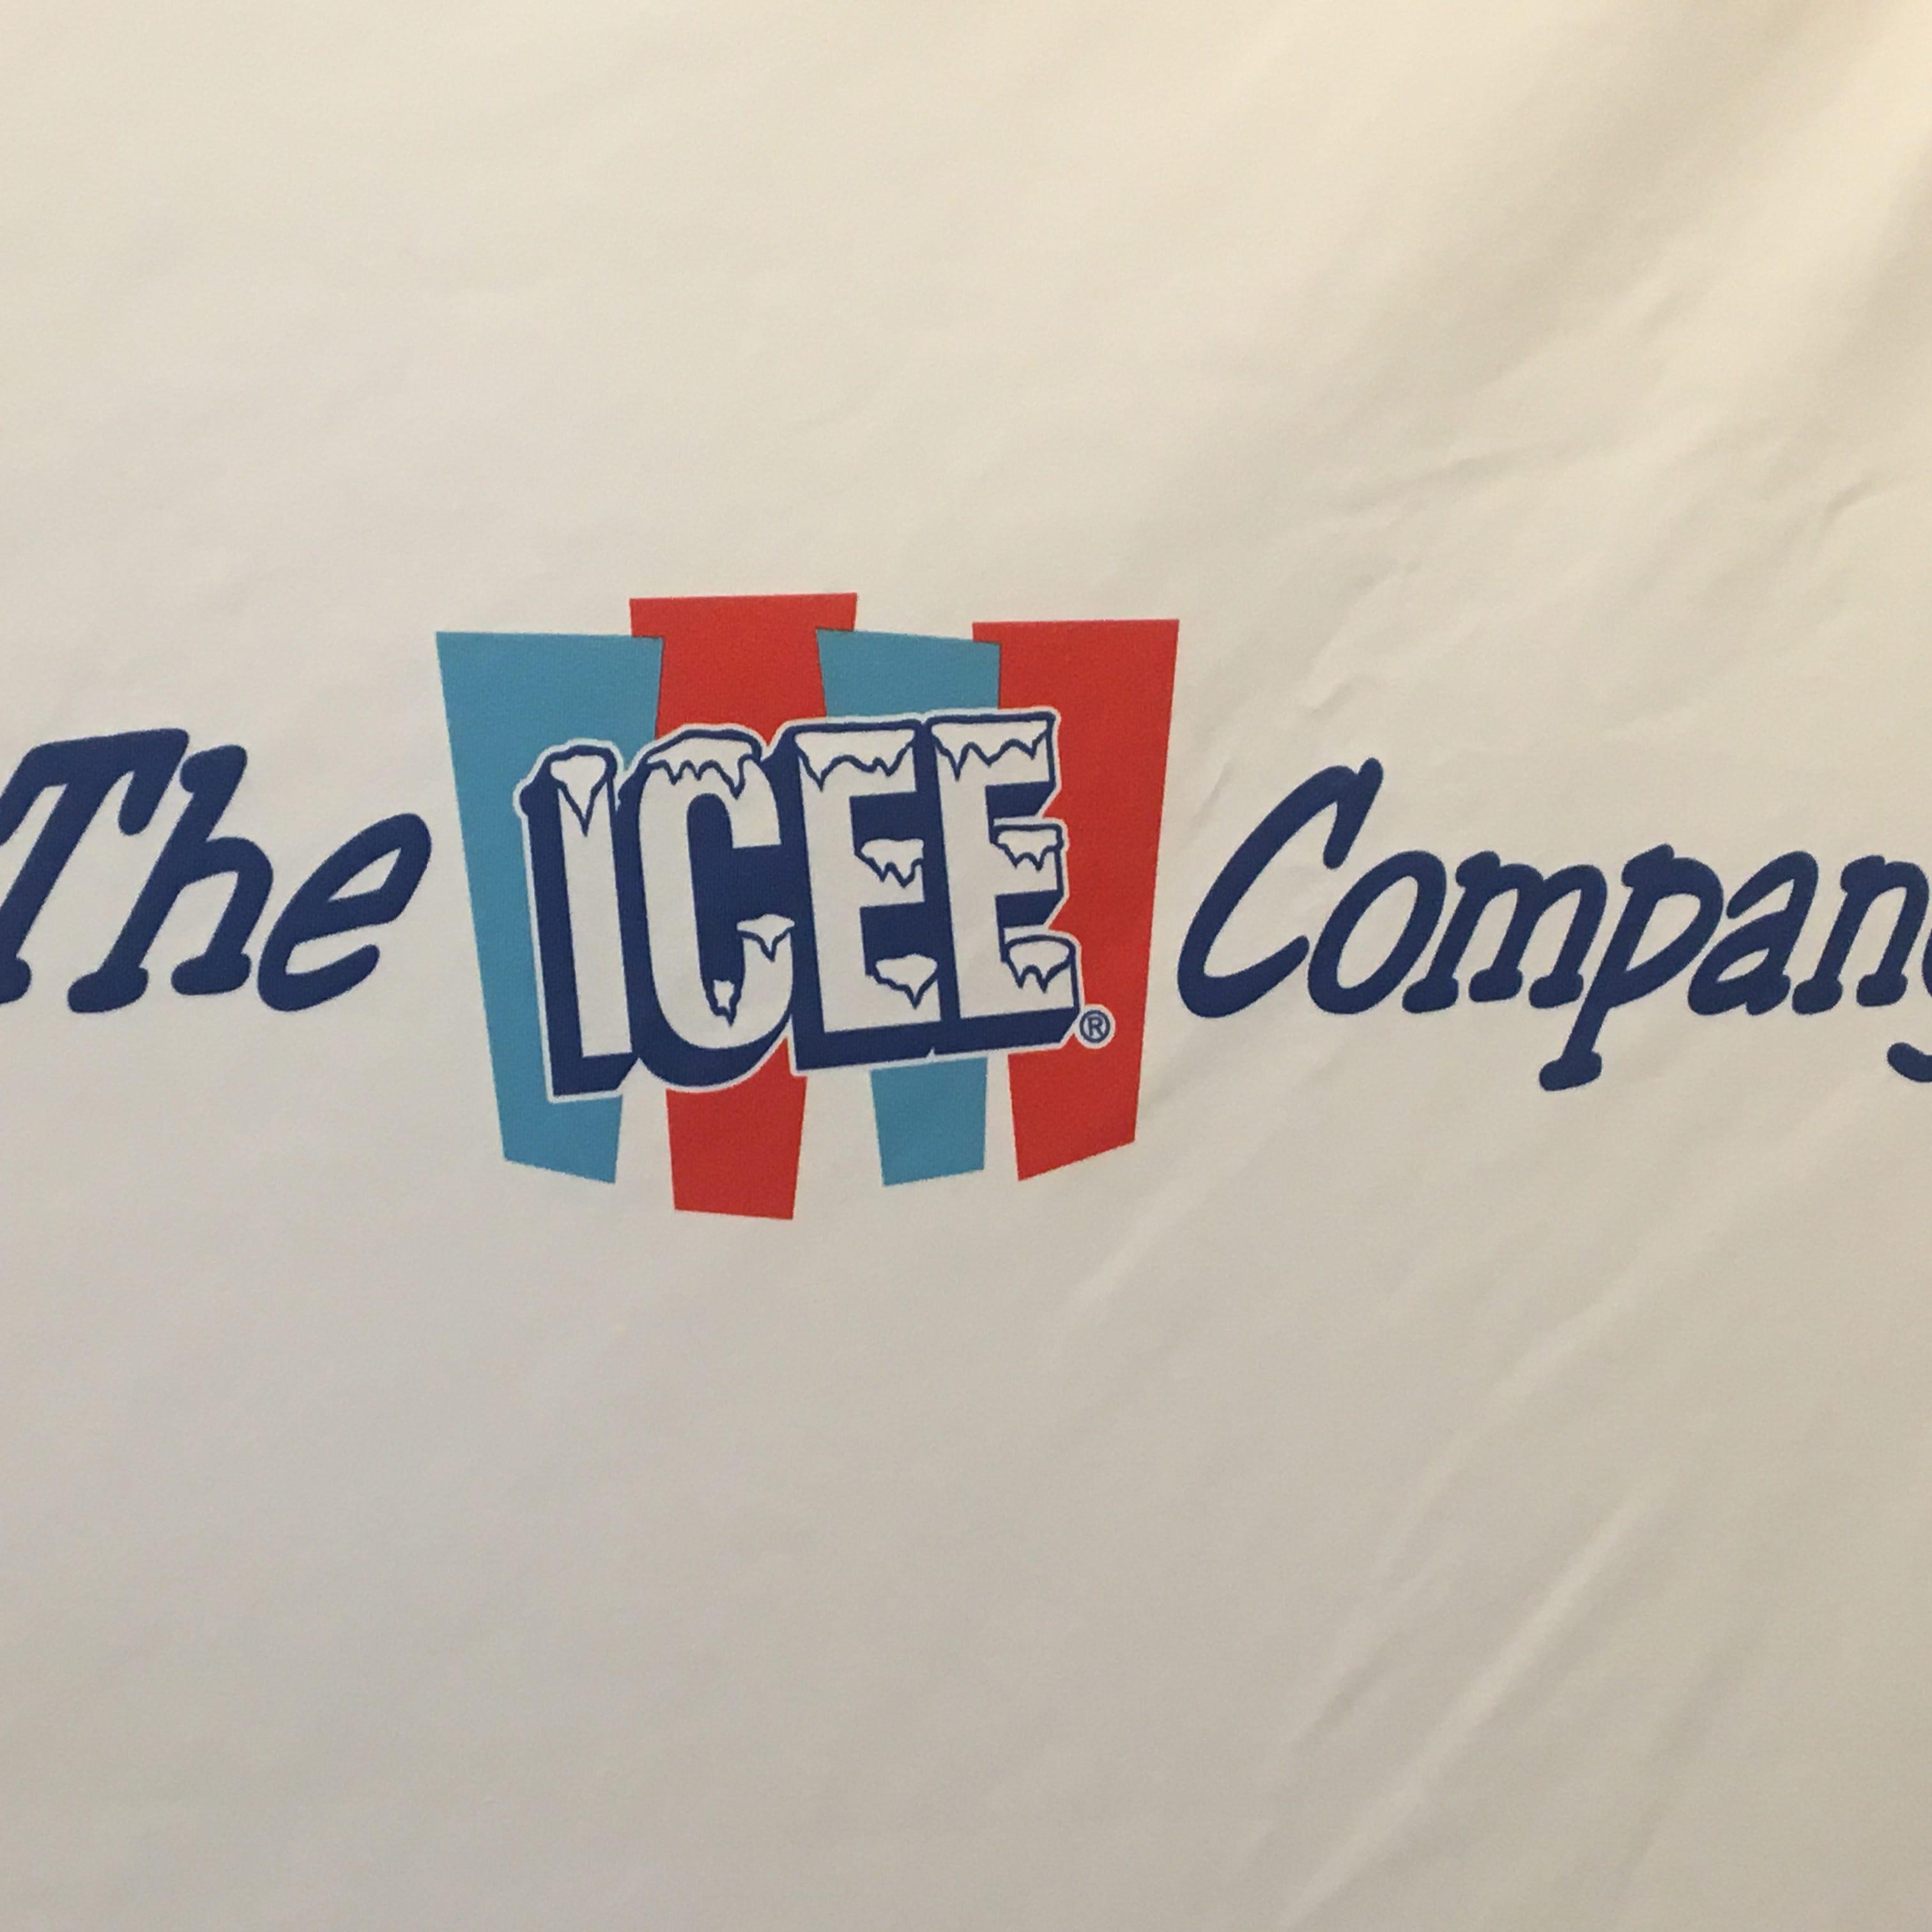 Icee to bring 200-plus jobs, headquarters to La Vergne